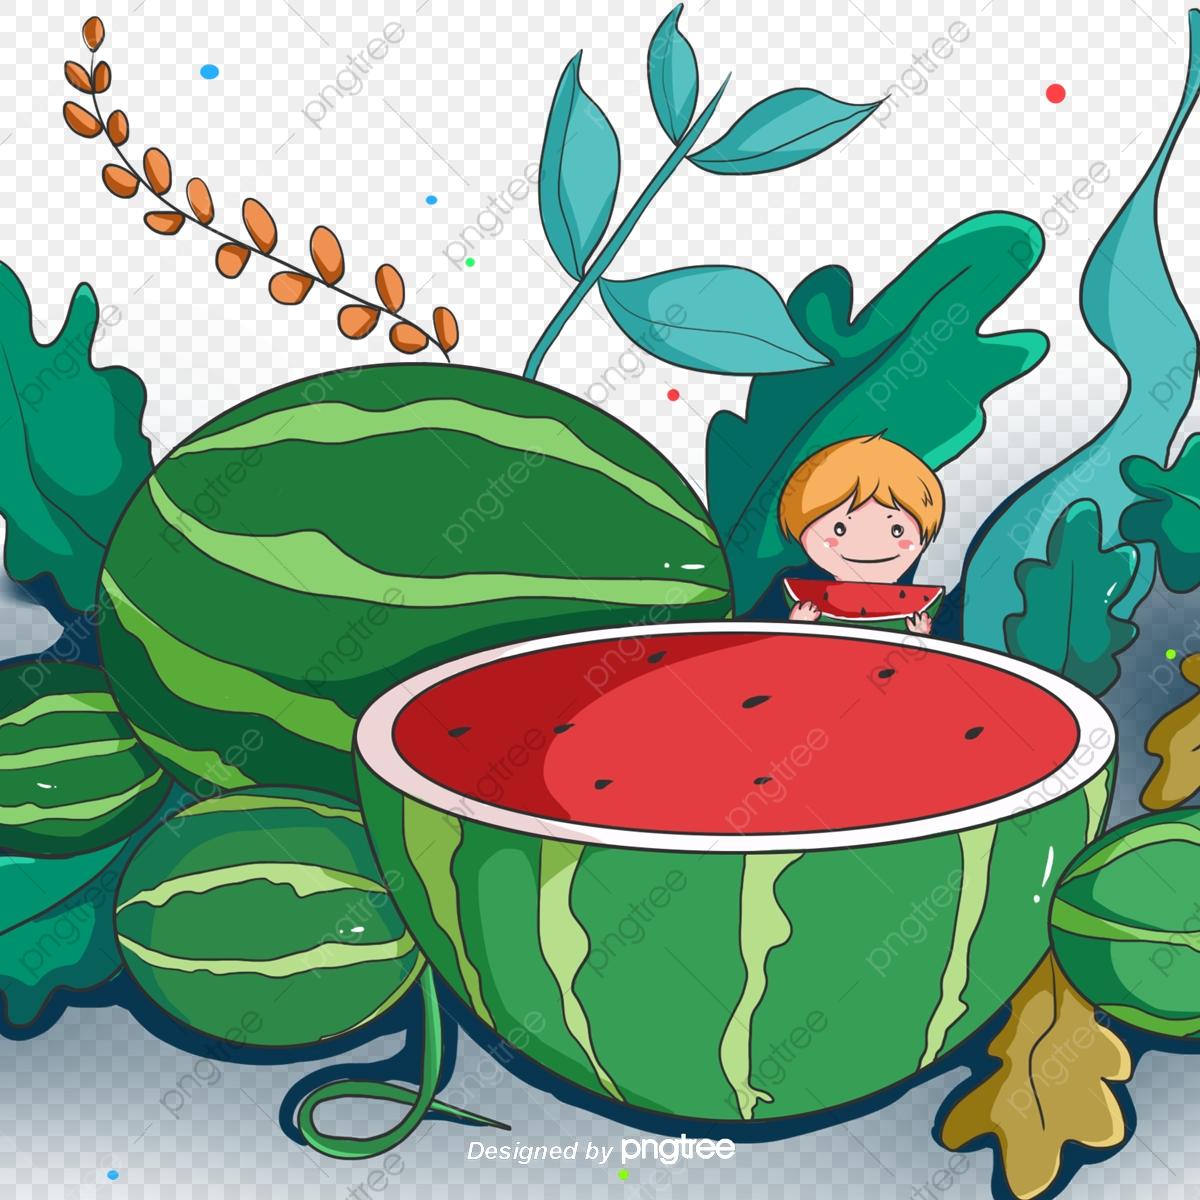 Cartoon hand painted green. Watermelon clipart garden